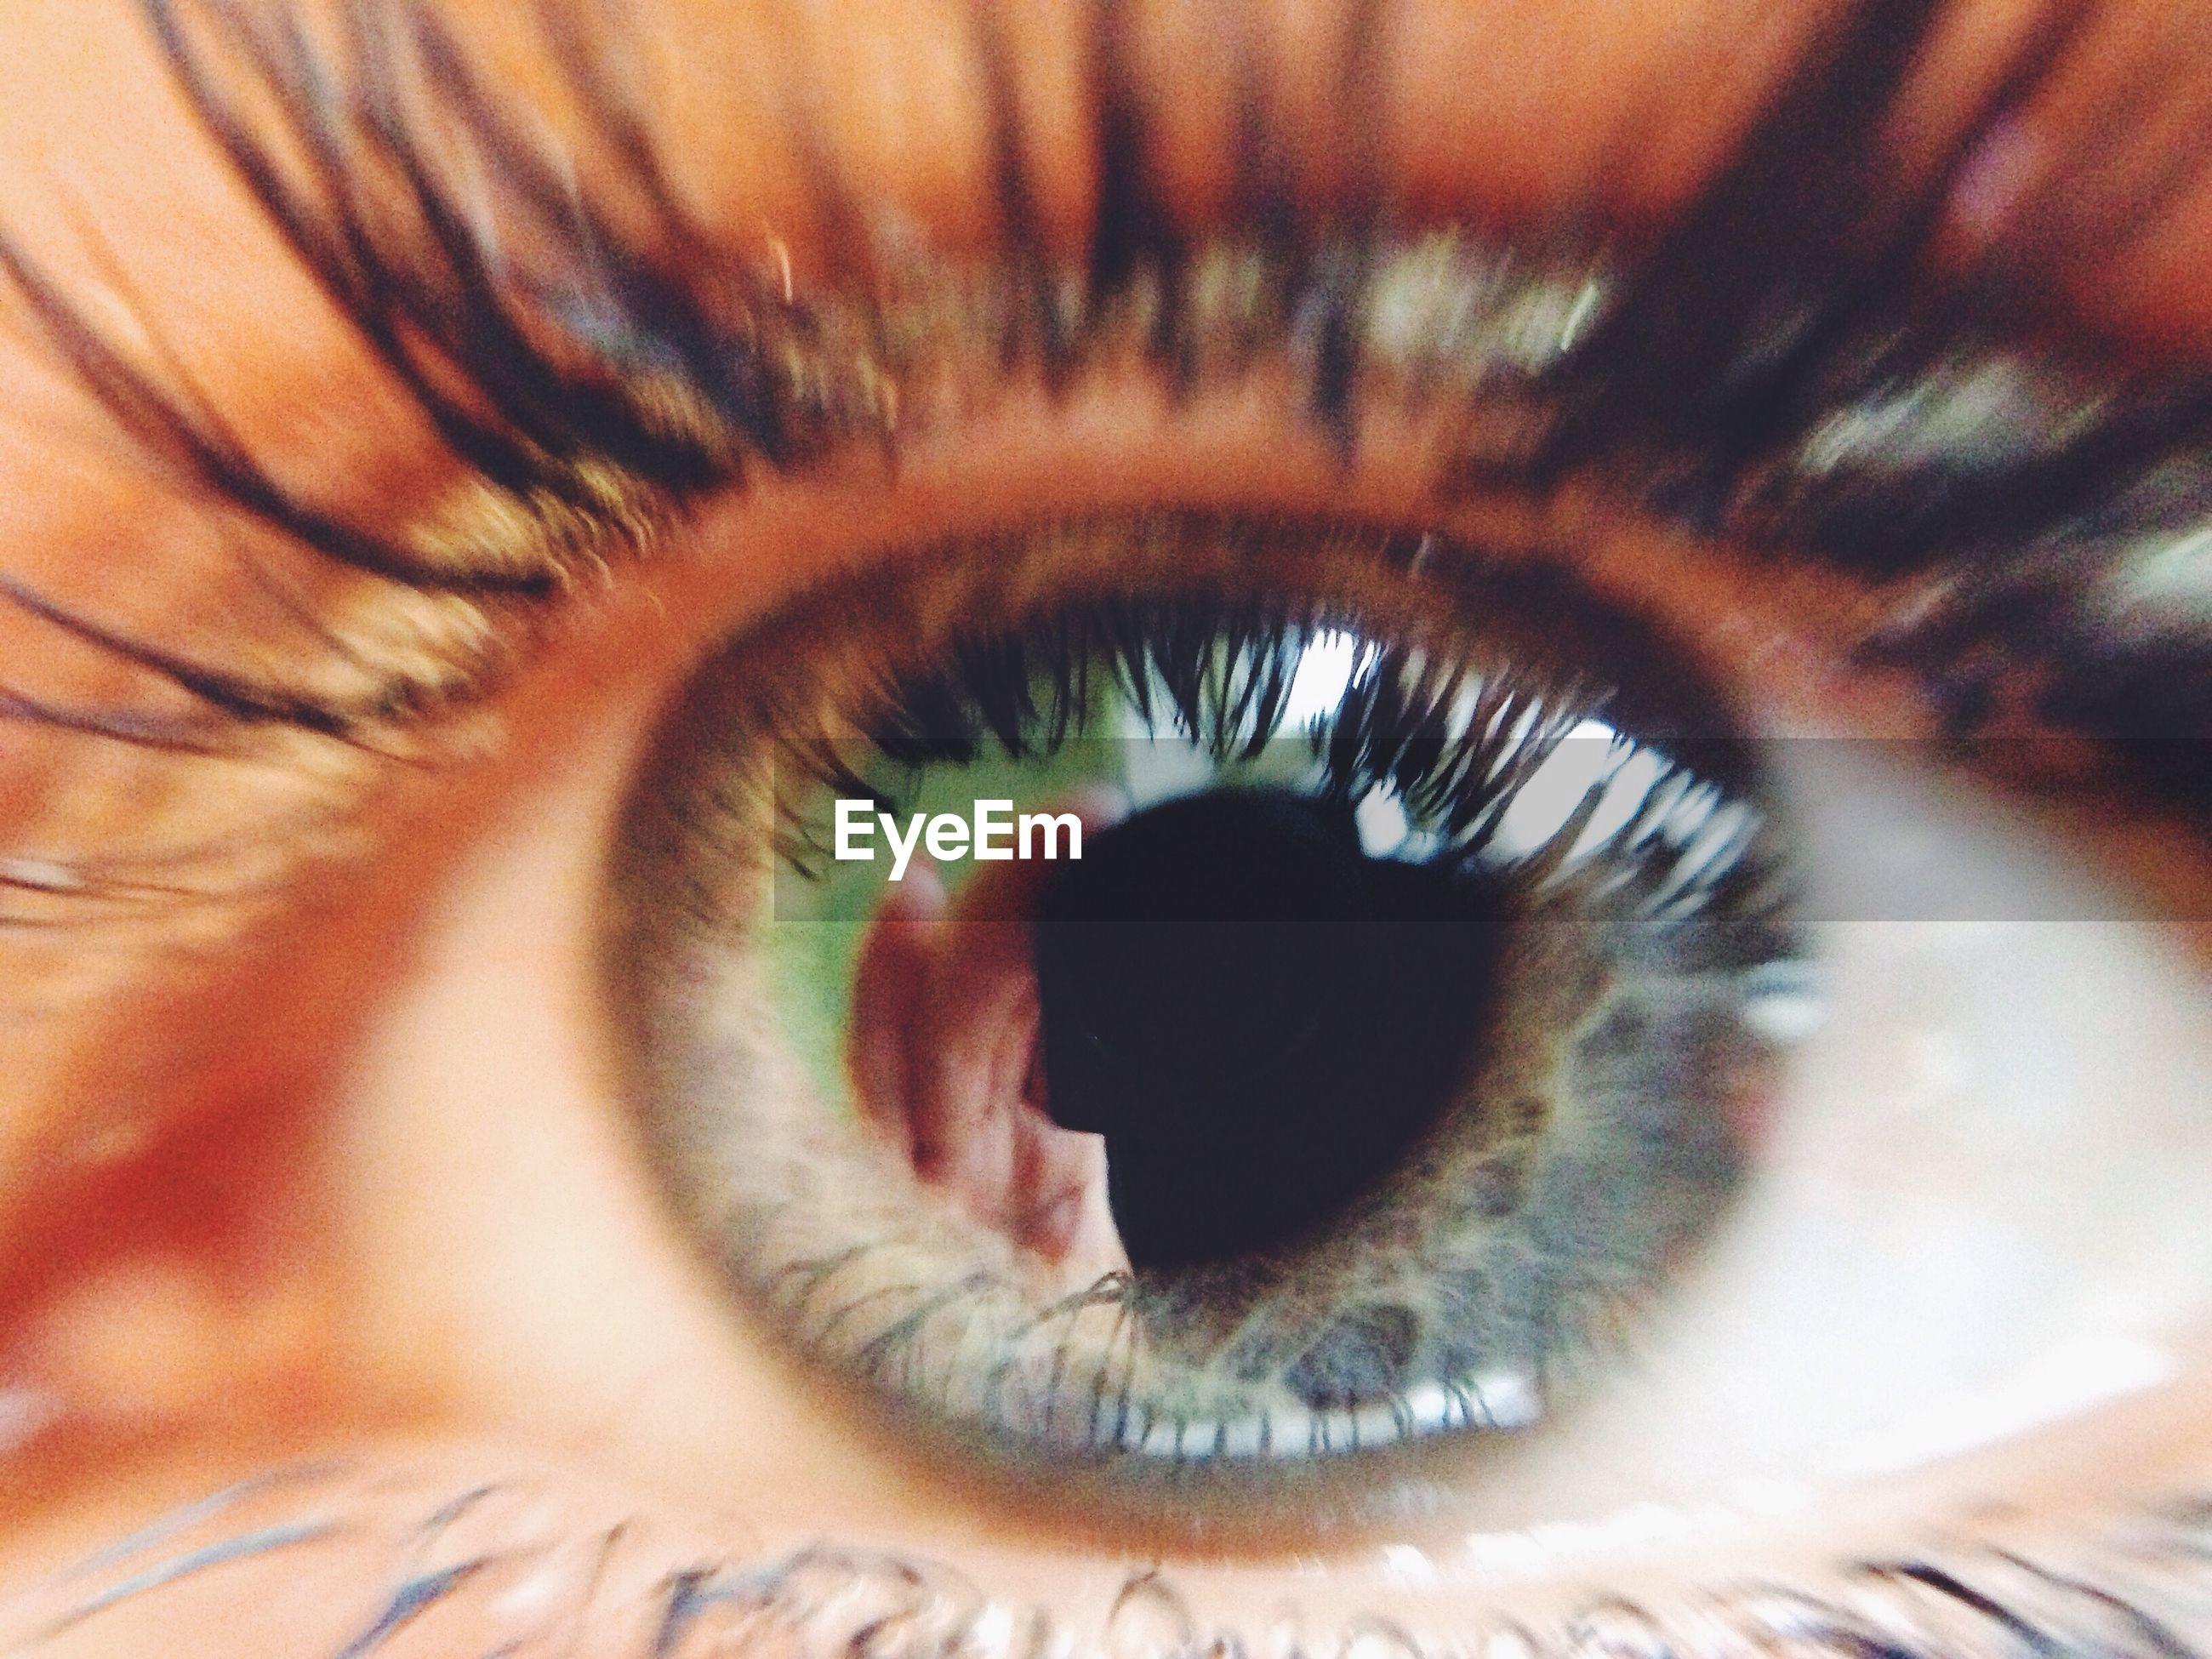 eyelash, human eye, close-up, extreme close-up, full frame, eyesight, sensory perception, backgrounds, extreme close up, iris - eye, part of, eyeball, detail, indoors, macro, human skin, selective focus